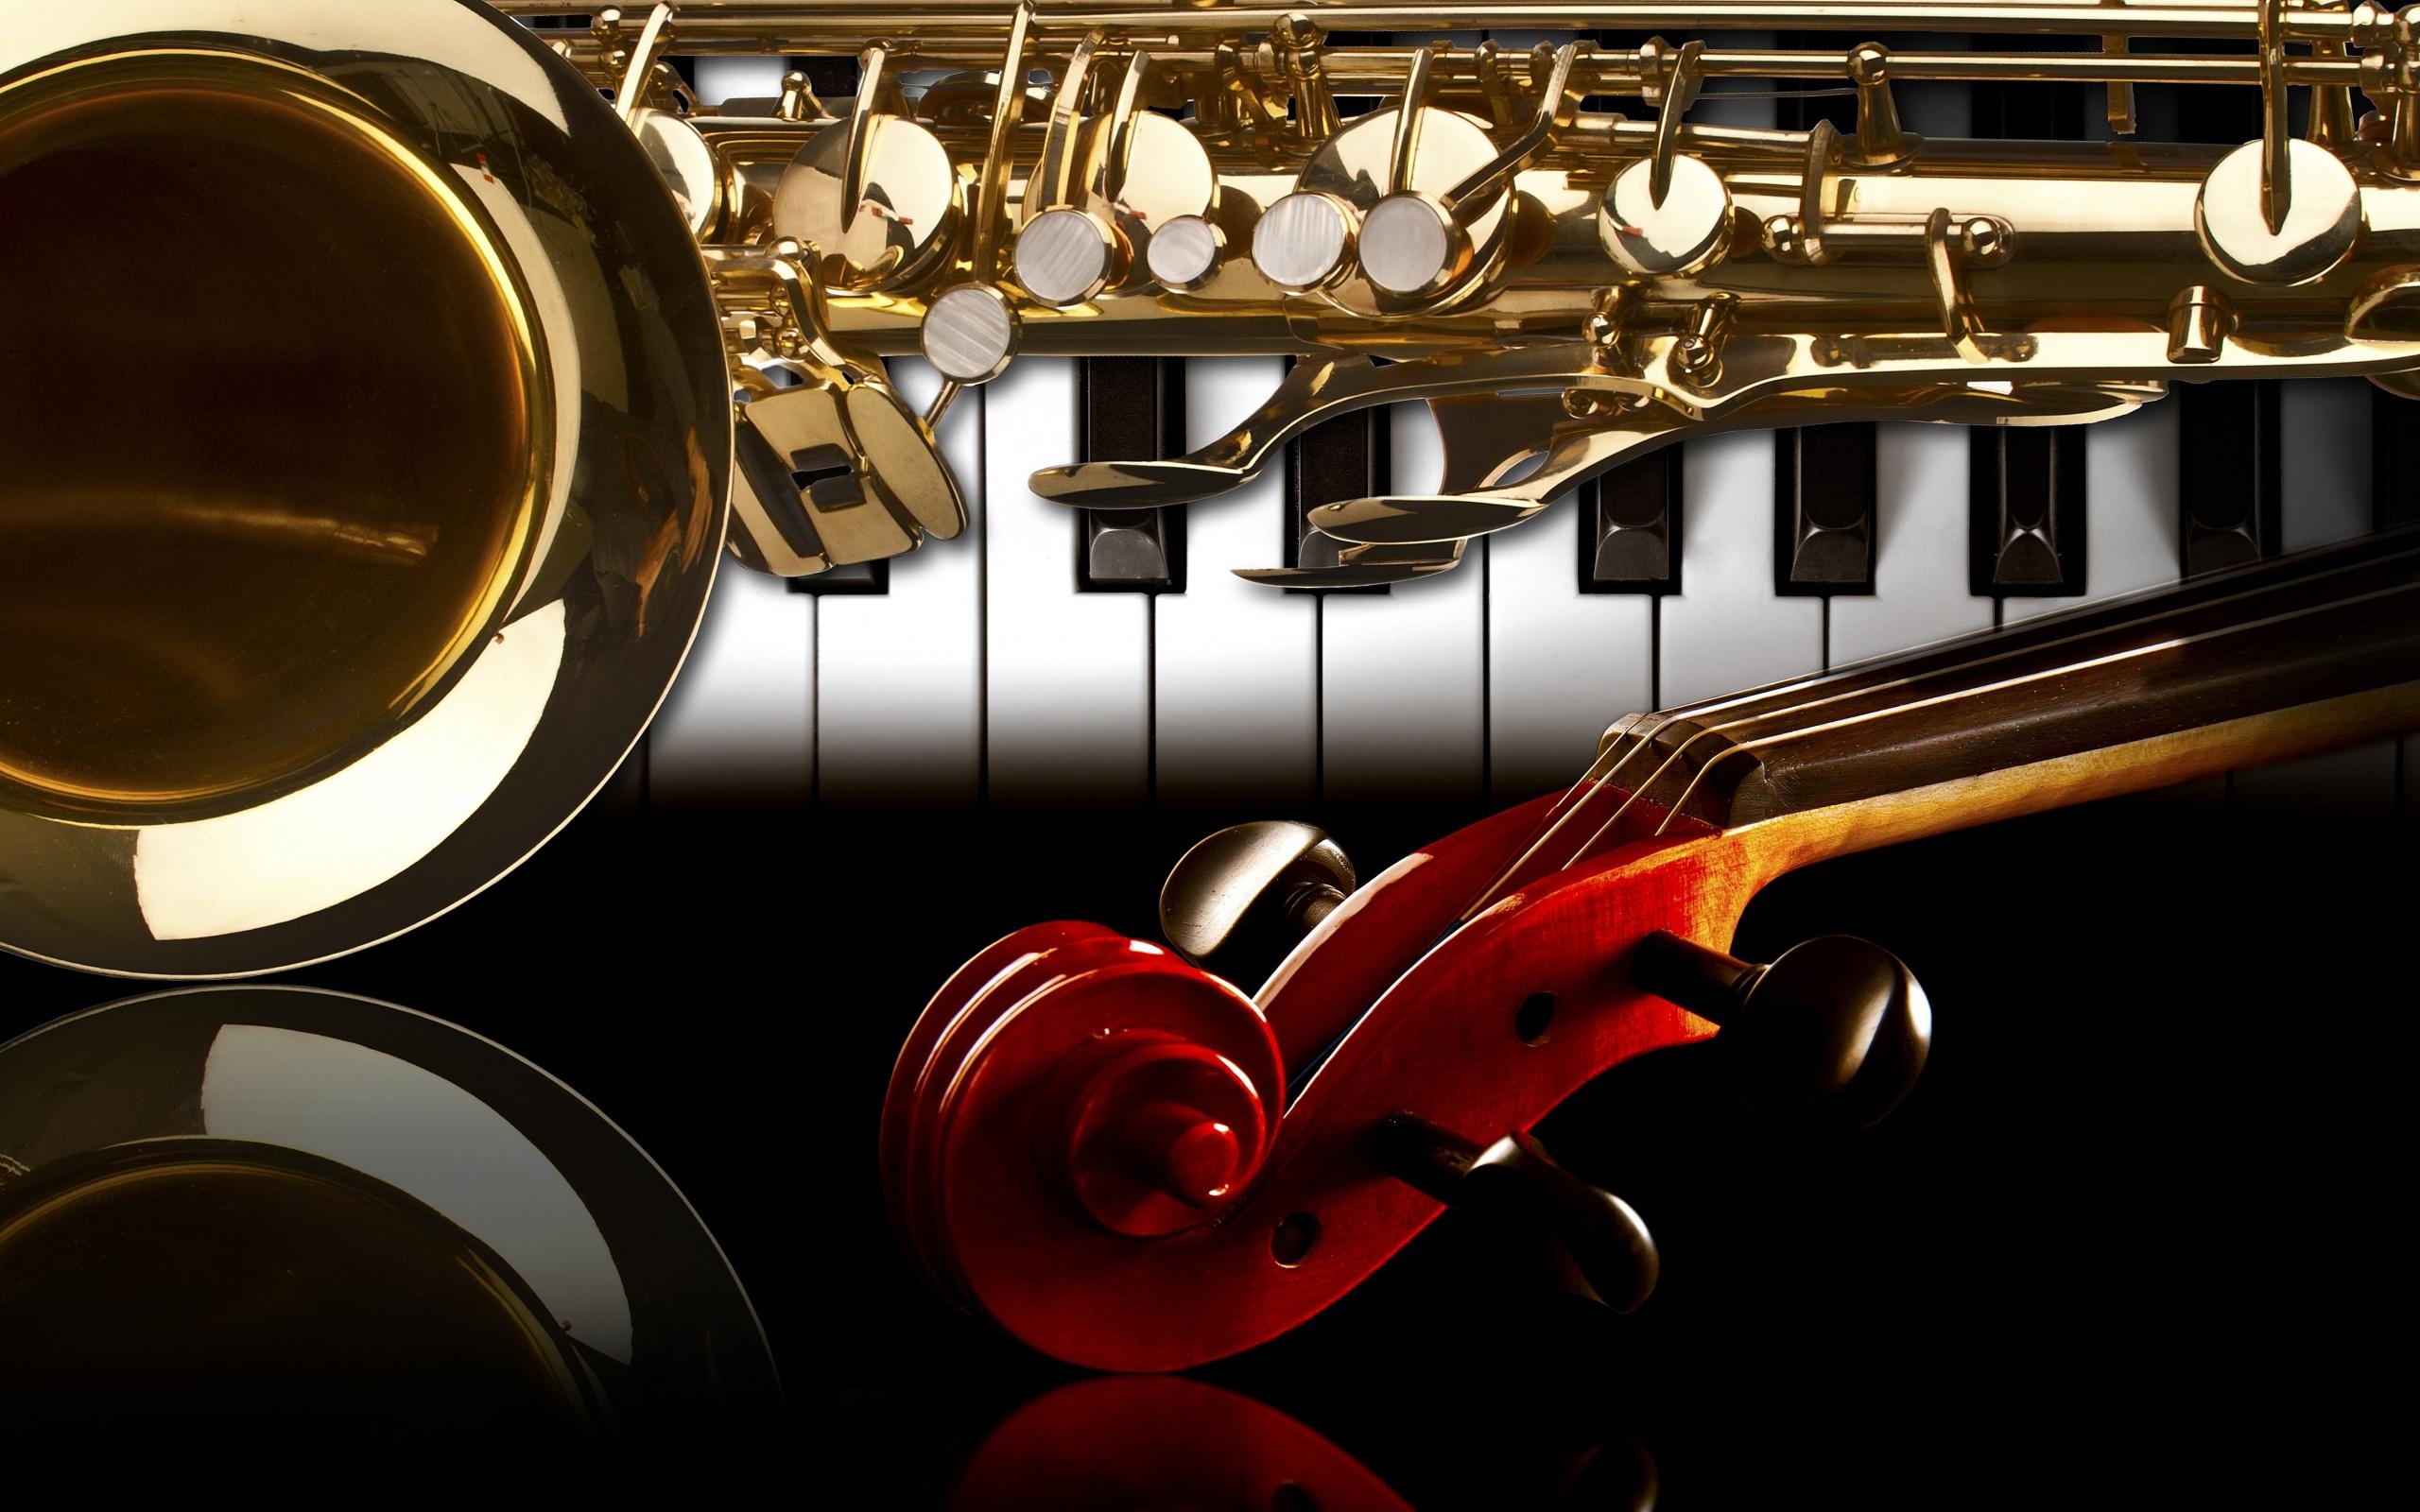 تئوری موسیقی به زبان ساده و نوازندگی